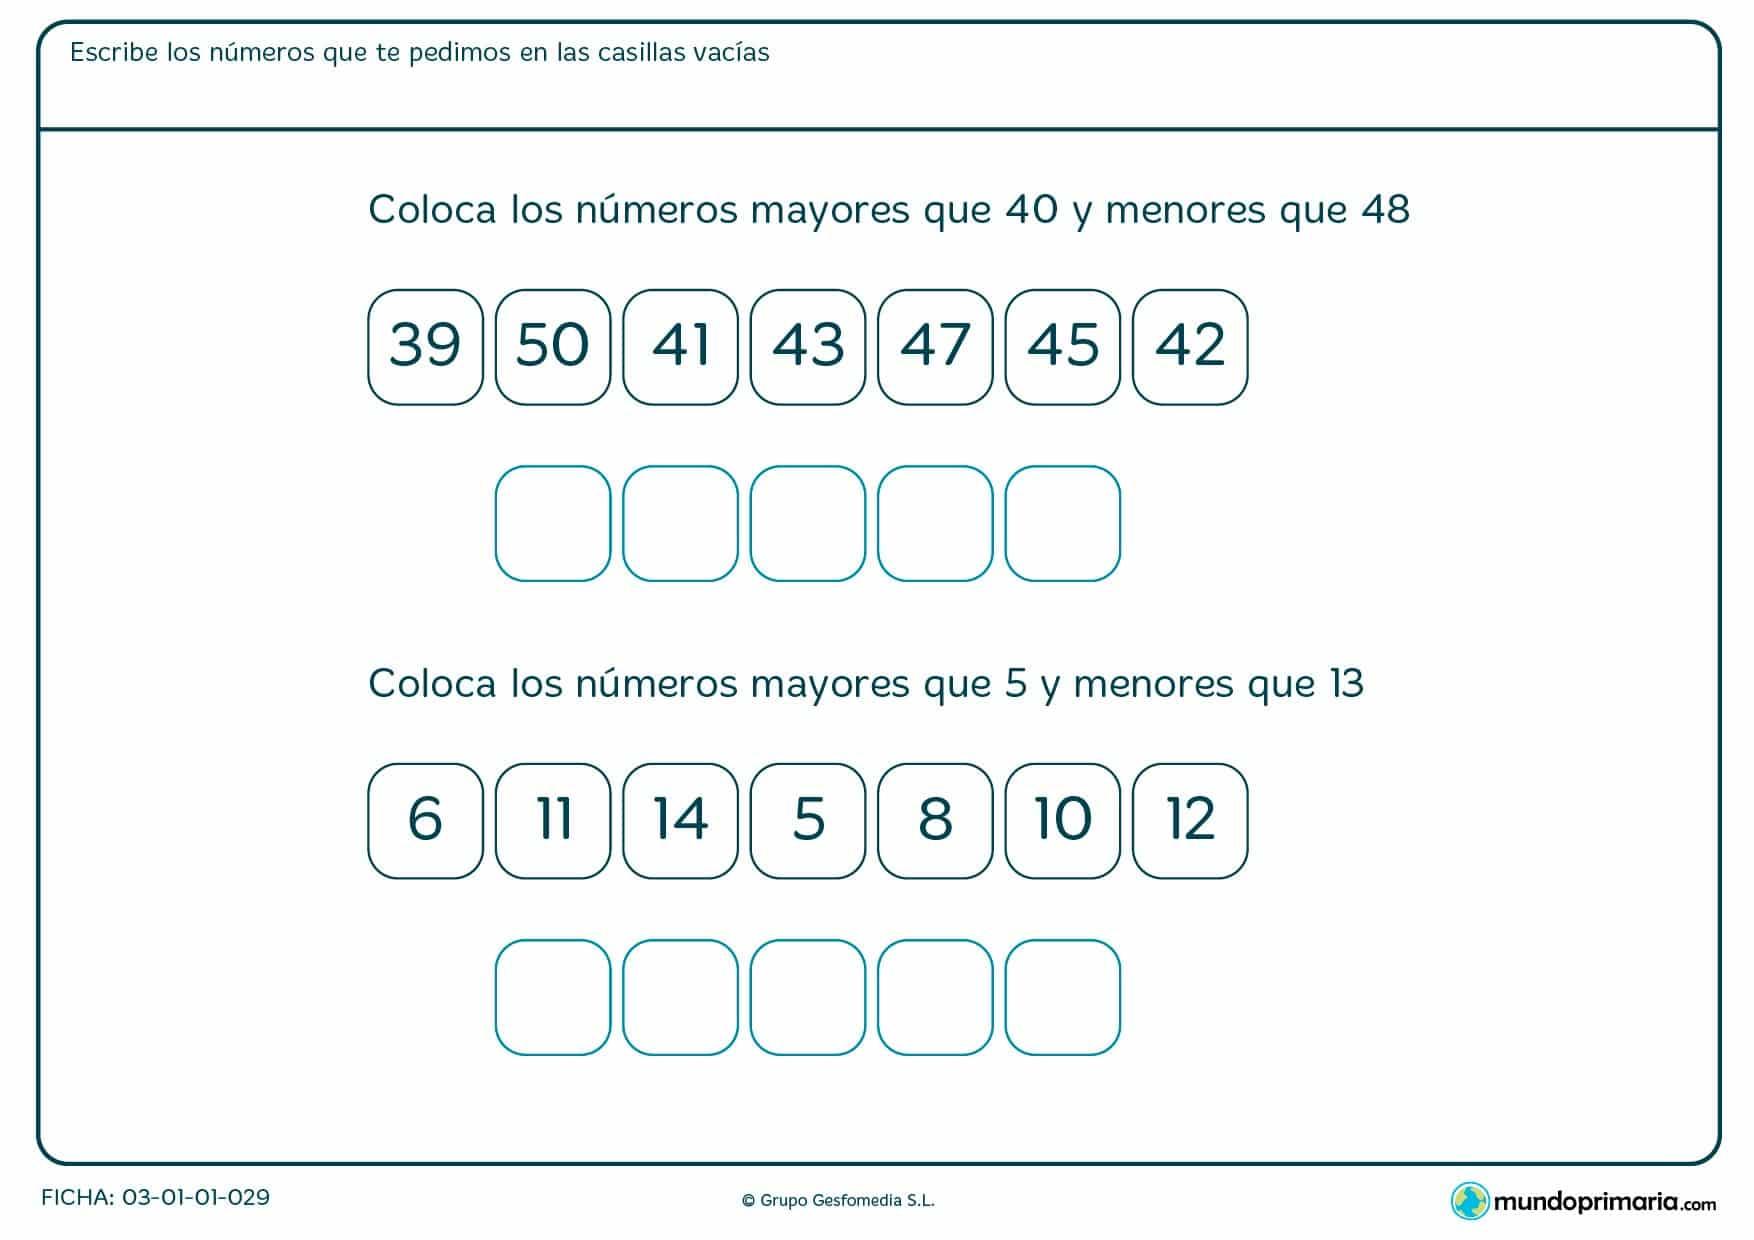 Ficha de poner números entre el 40 y el 48 en las casillas que están vacías tal como te pide en el enunciado.